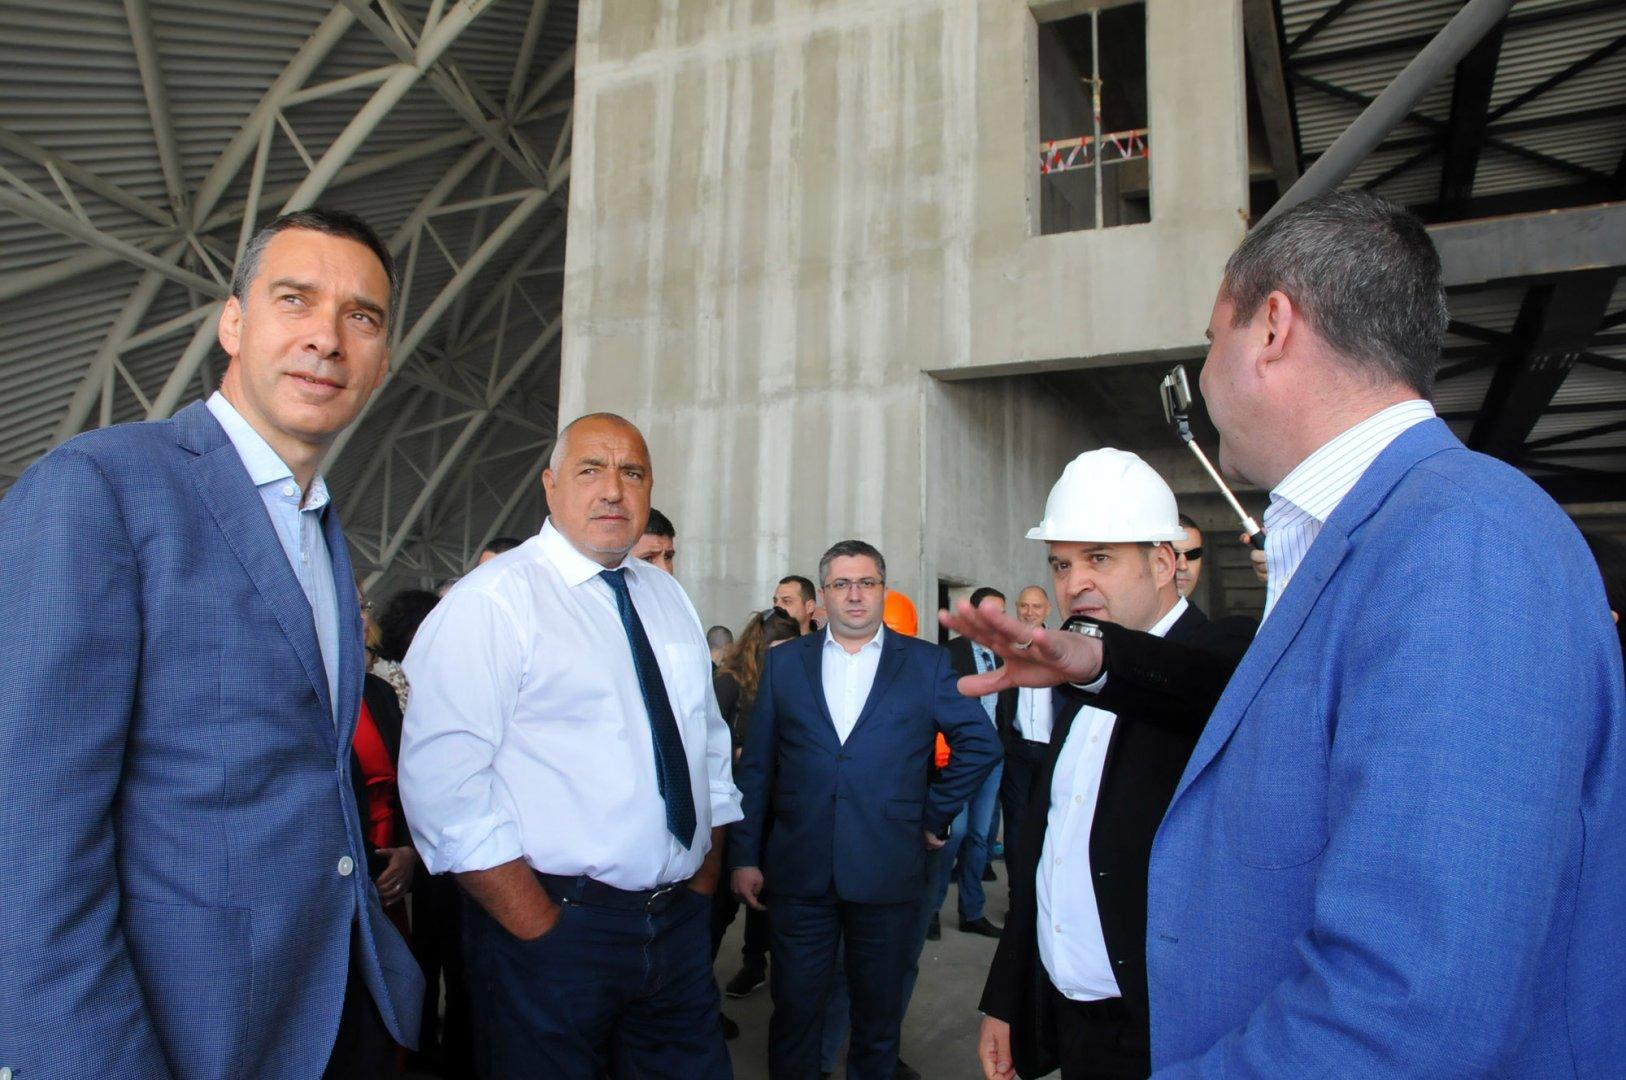 Димитър Николов (вляво) освен зам.-председател на ГЕРБ е и зам.-председателя на Изпълнителната комисия на партията. Снимка Архив Черноморие-бг